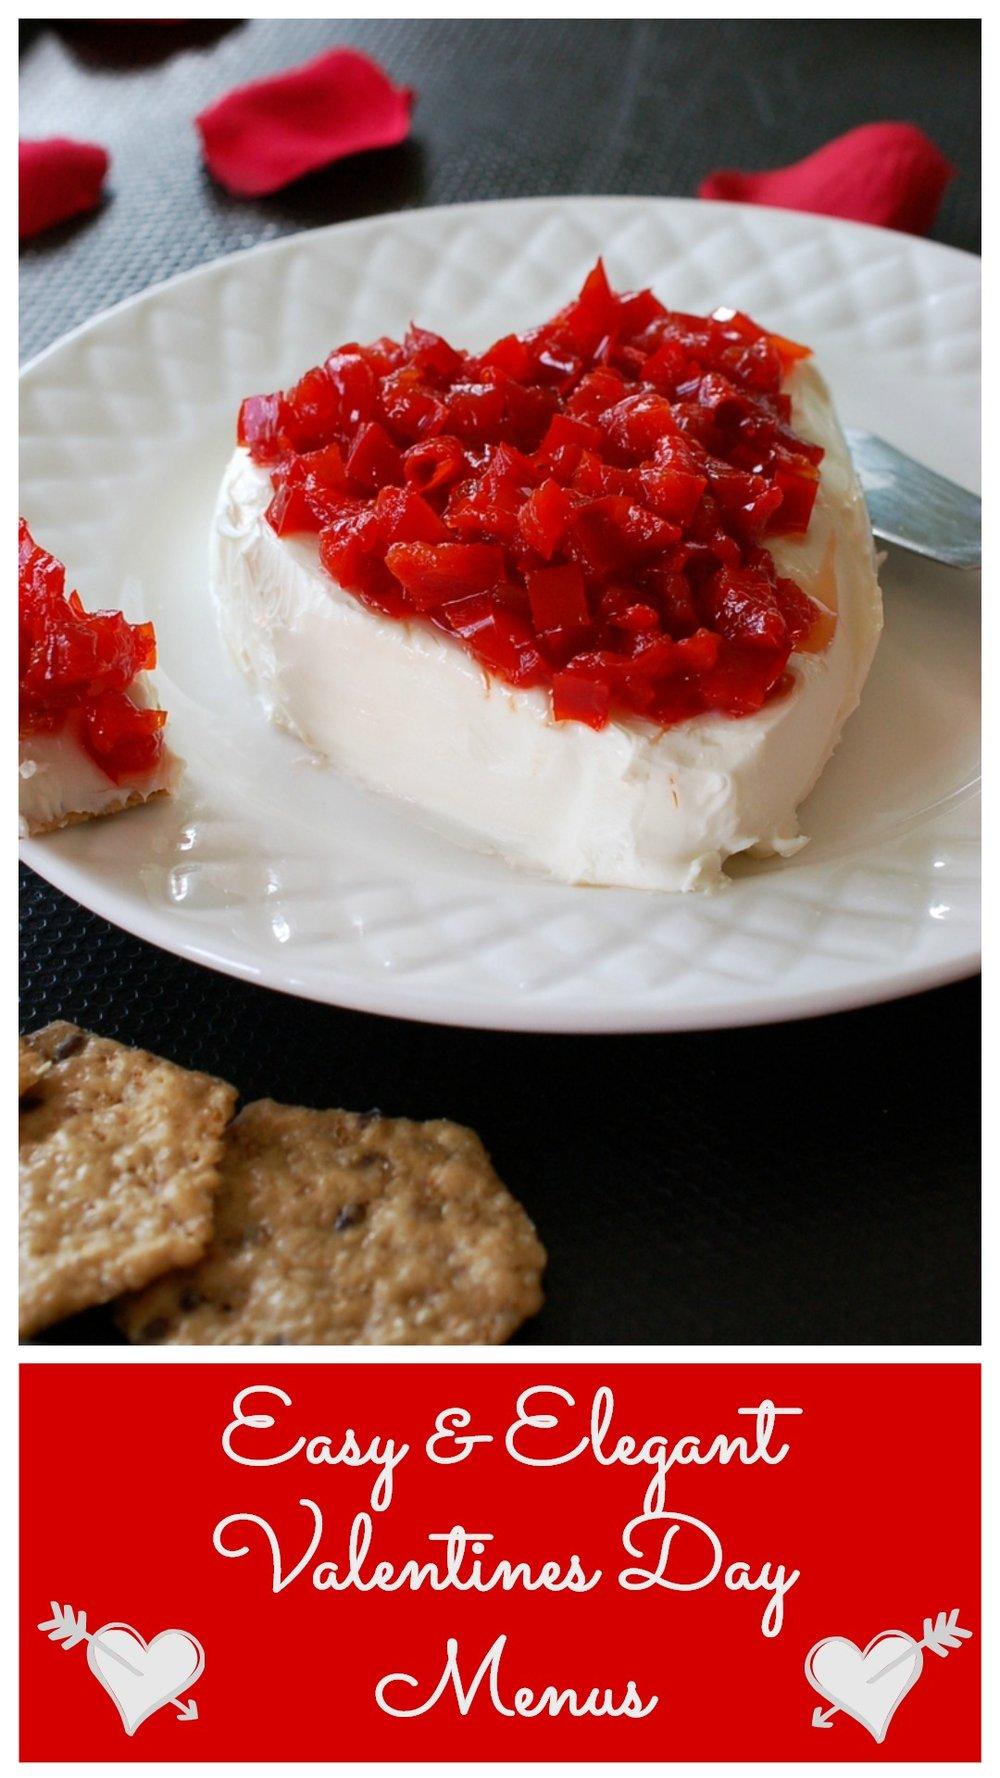 Recipe Roundup- Easy & Elegant Valentines Day Menus